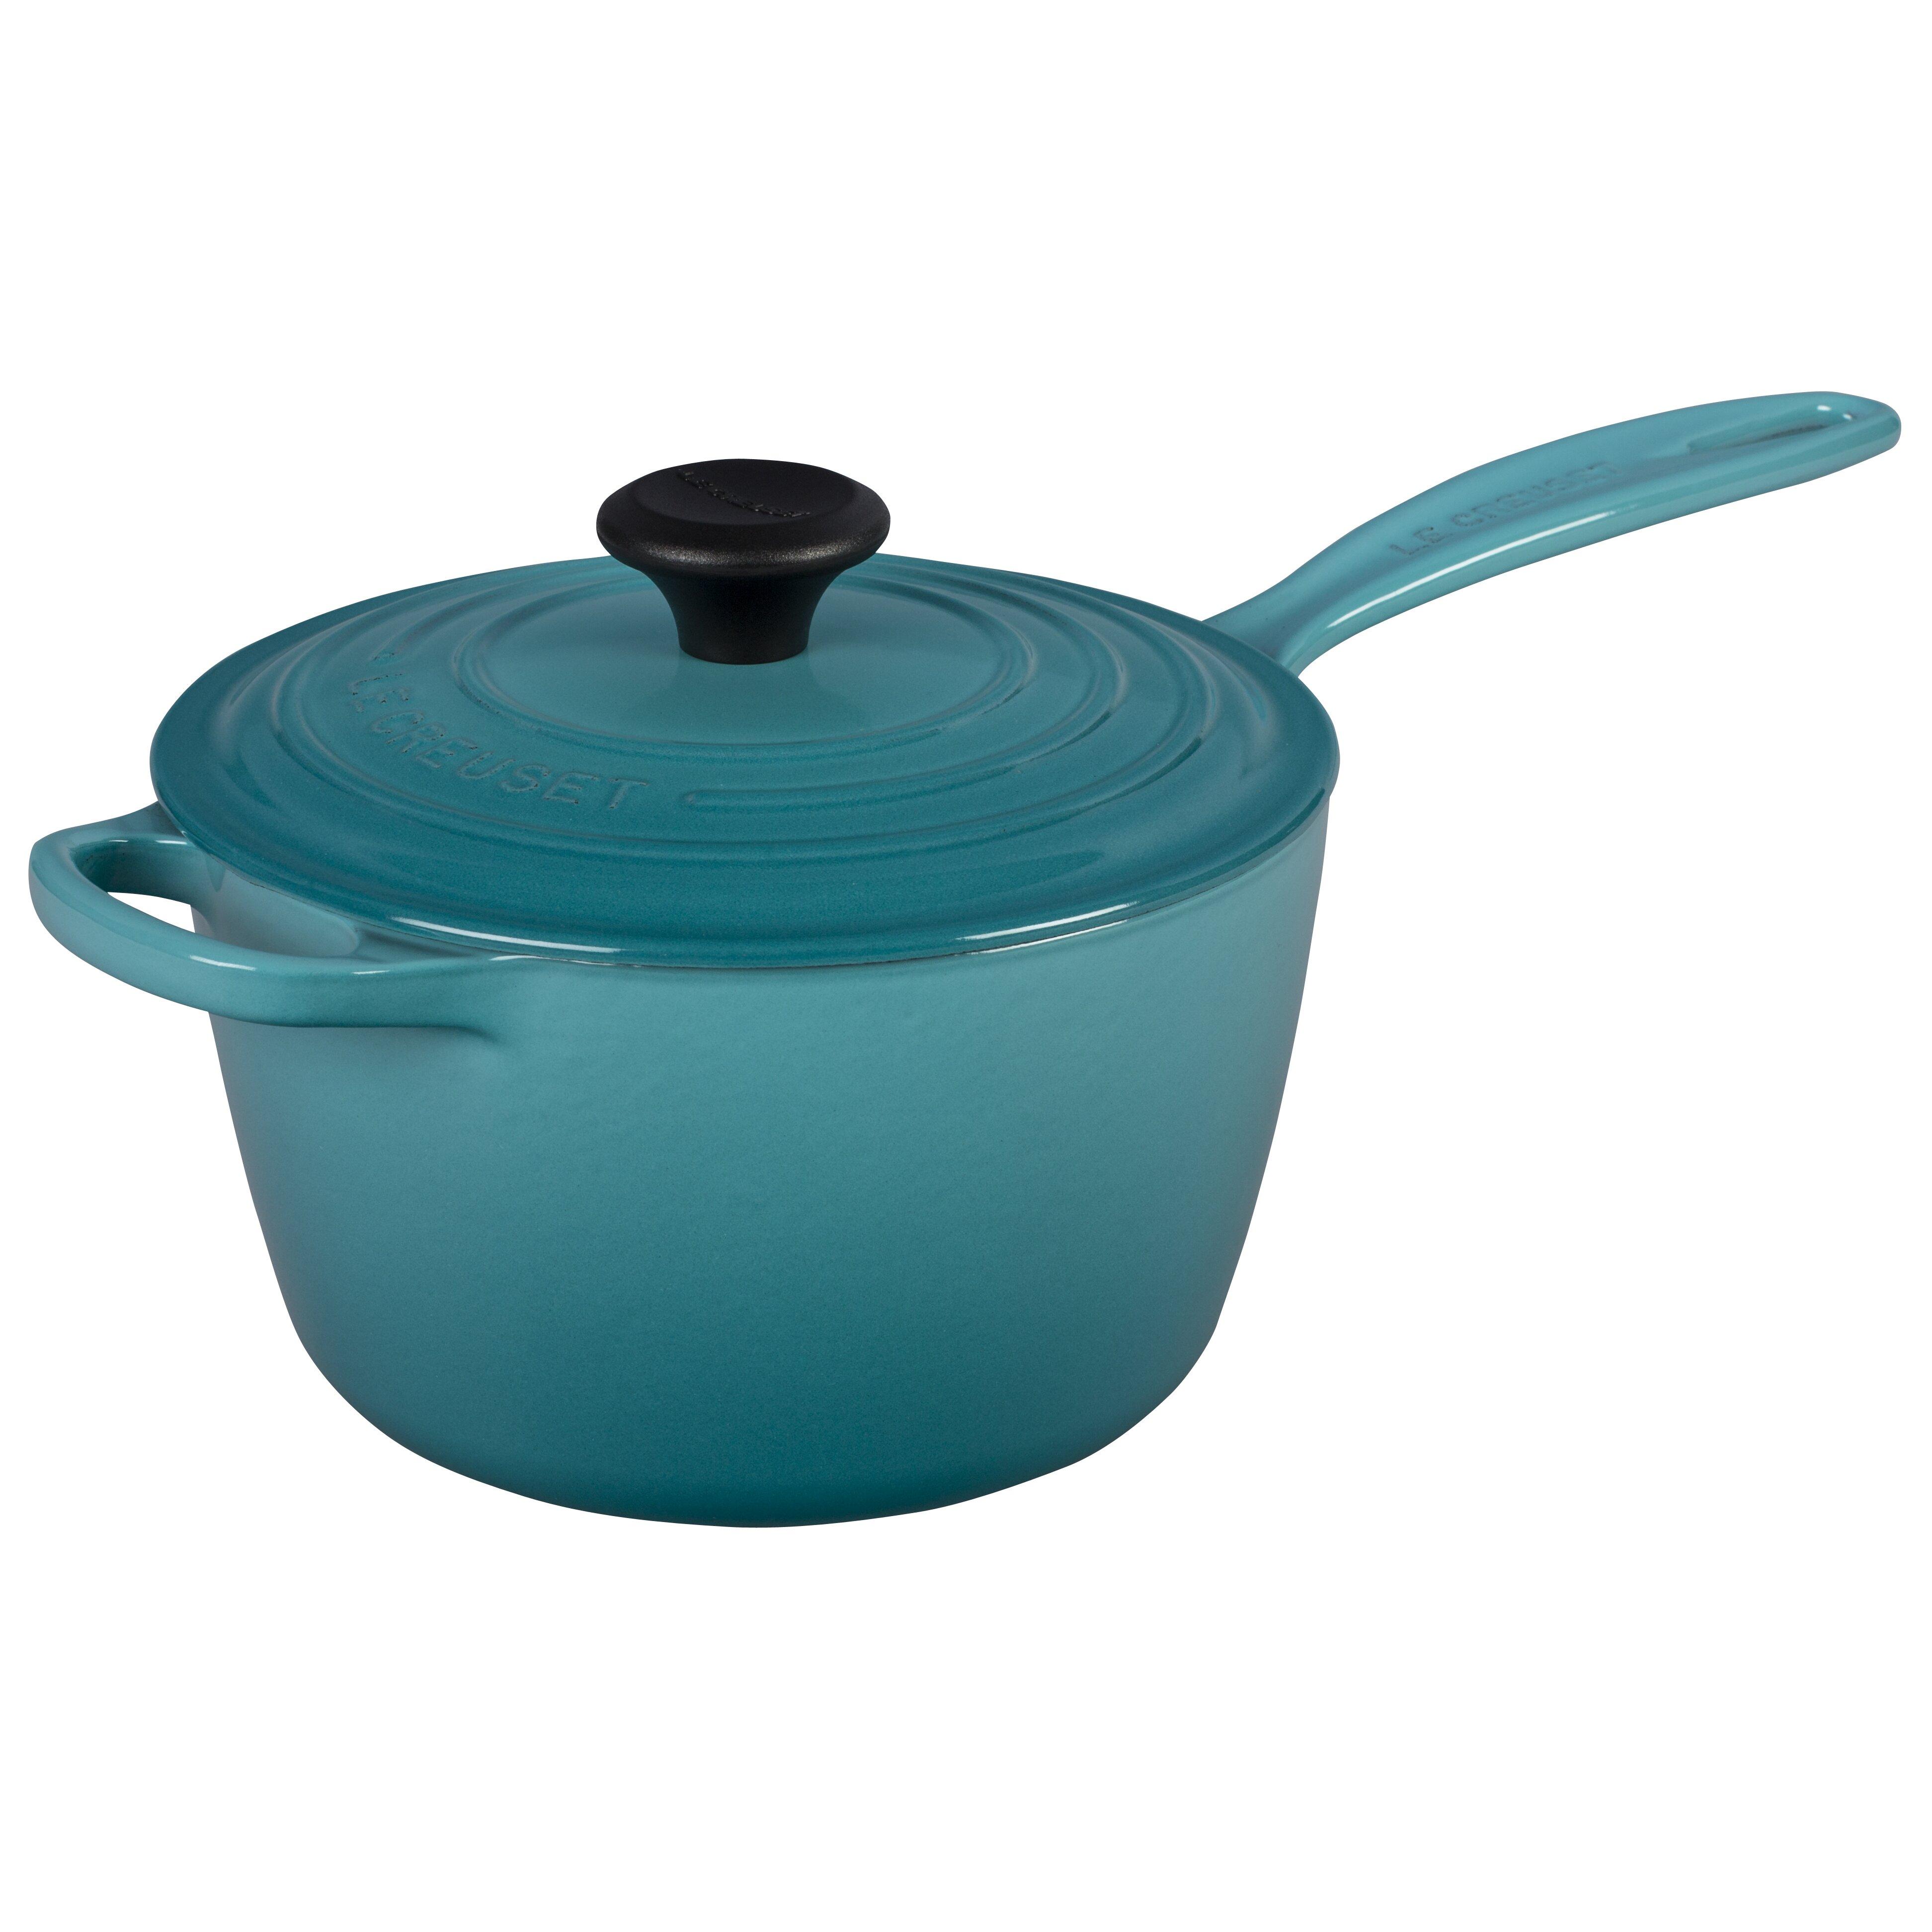 Le creuset cast iron precision pour saucepan with lid amp reviews